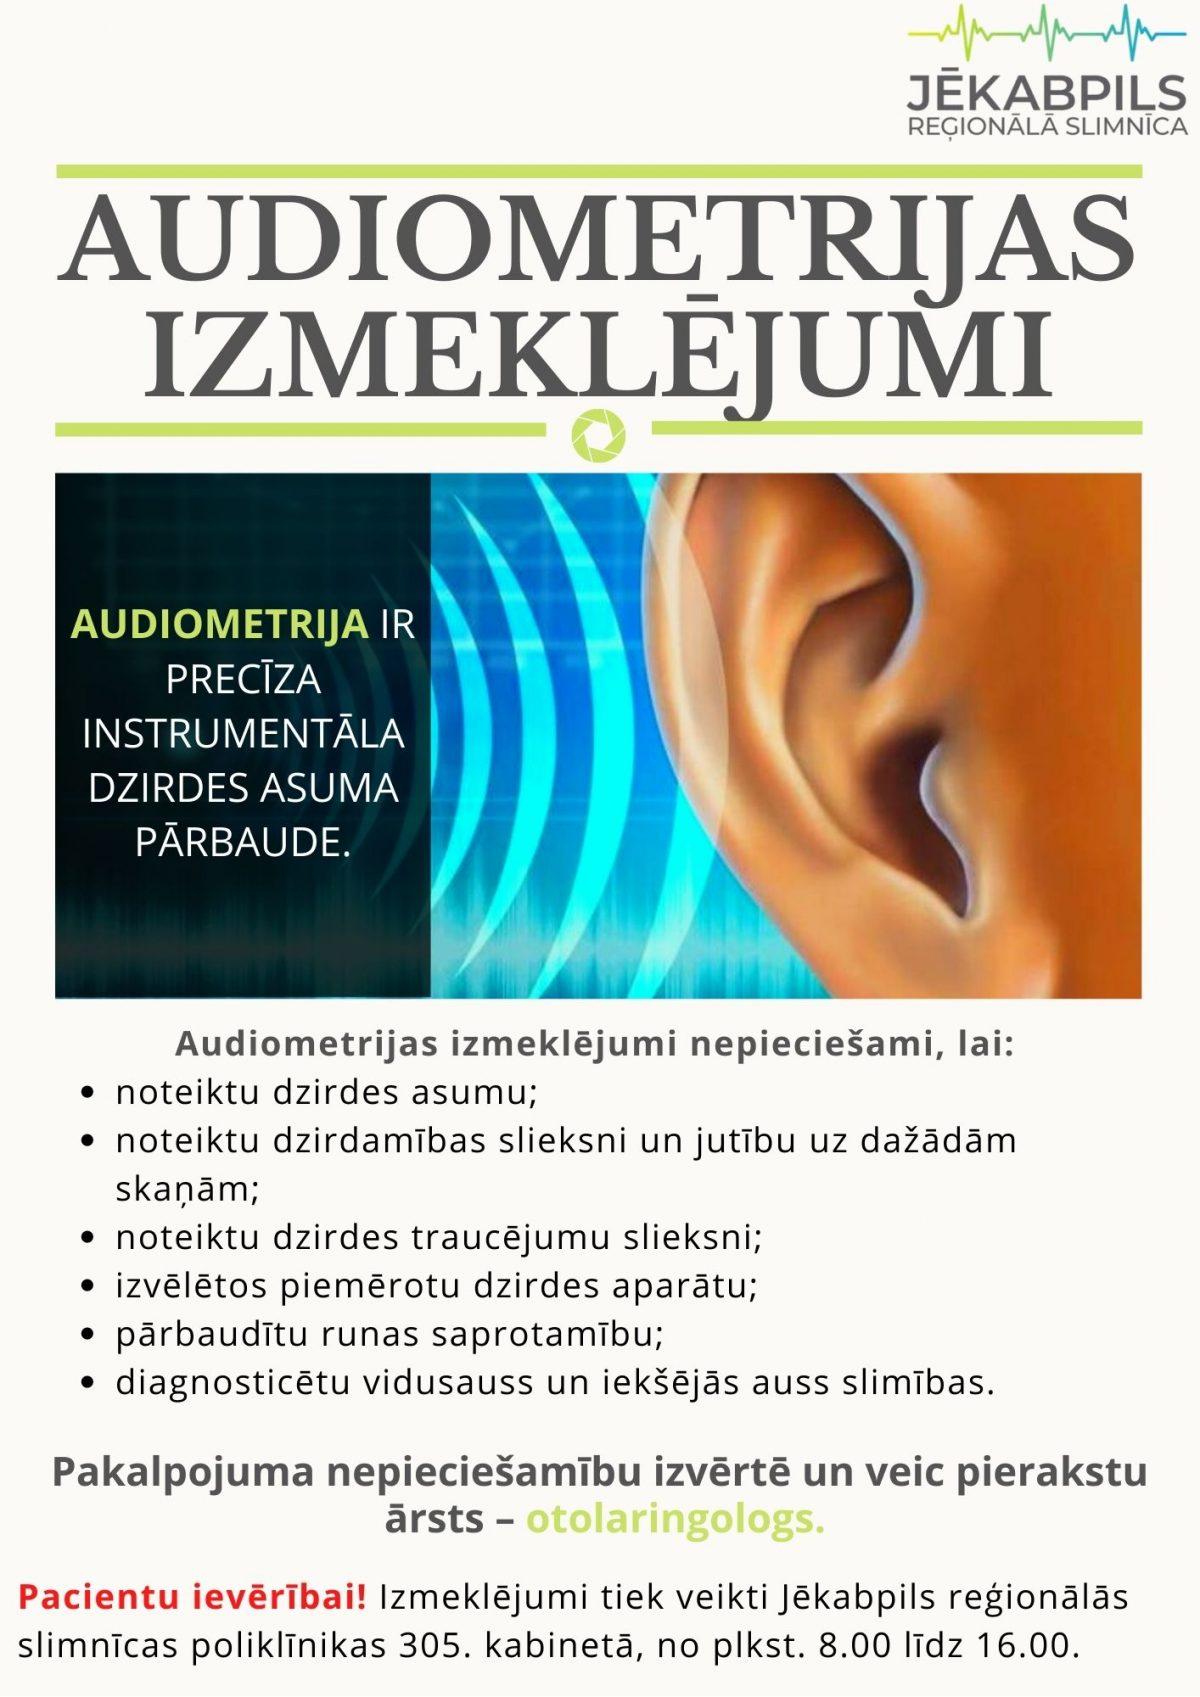 Audiometrija_final-1-1200x1697.jpg